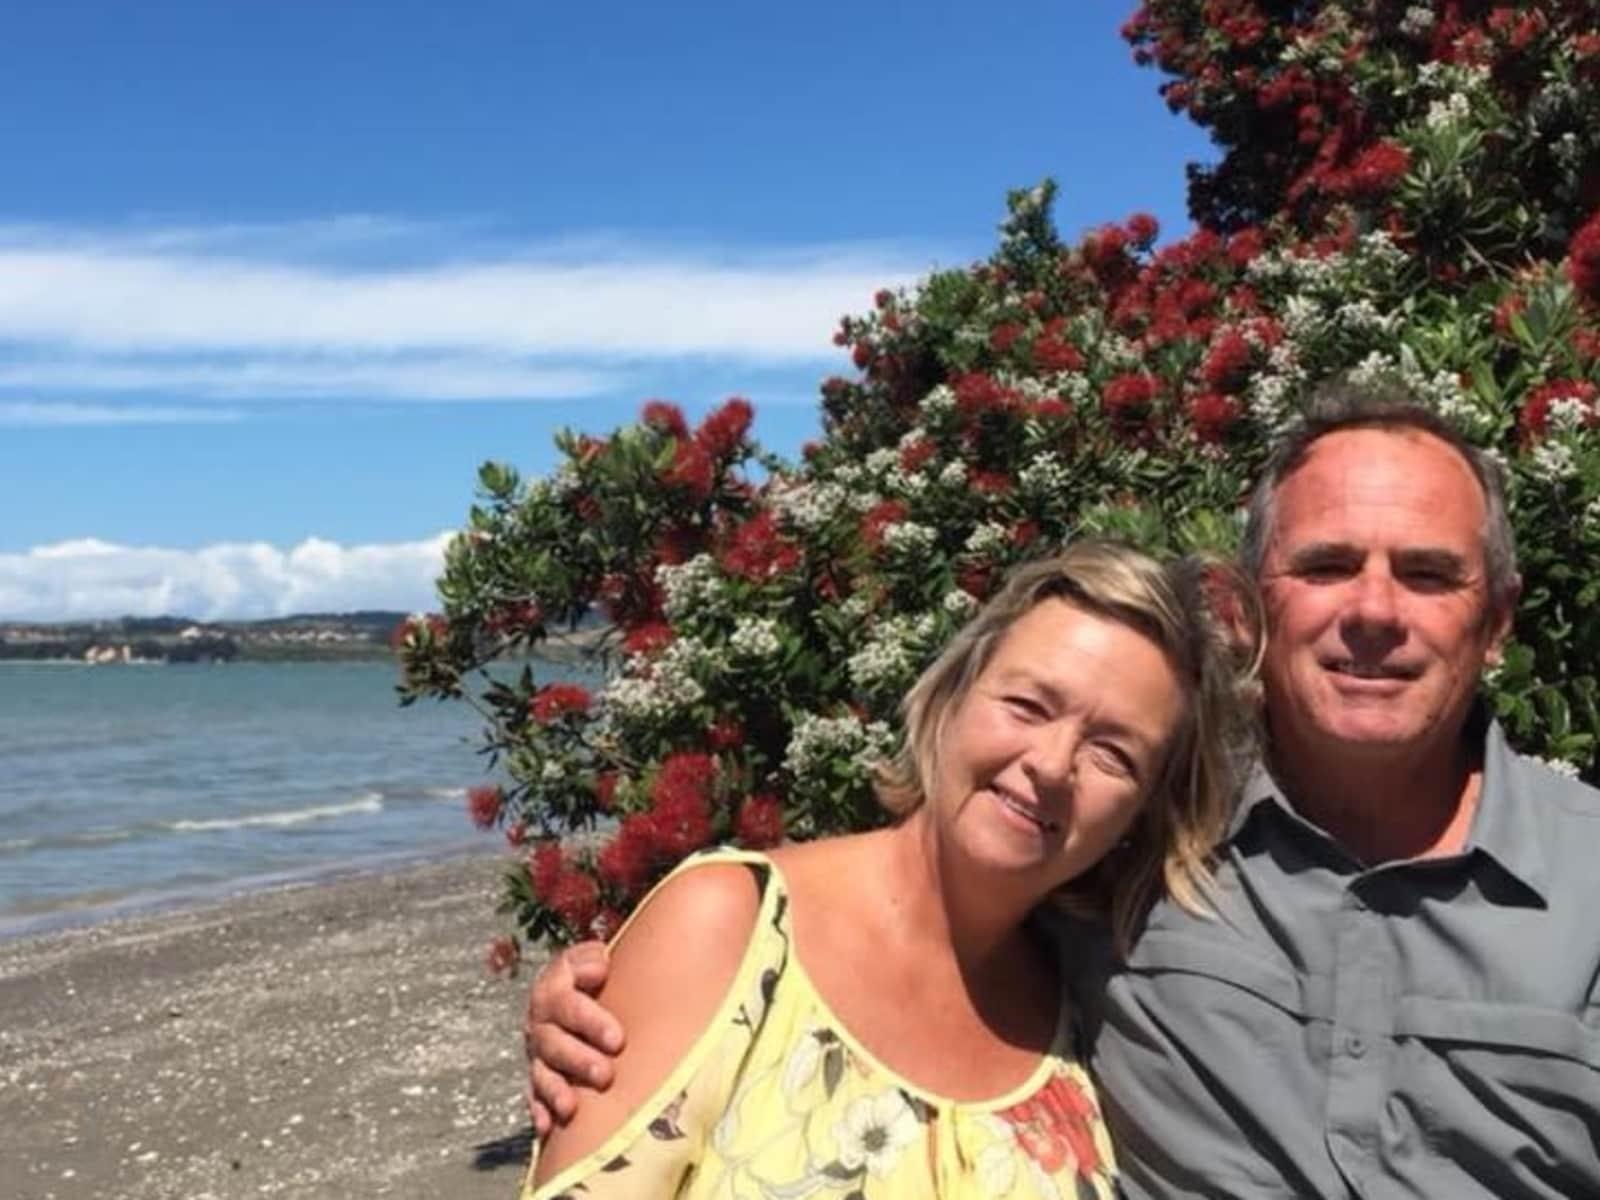 Kerry & John from Whangaparaoa, New Zealand